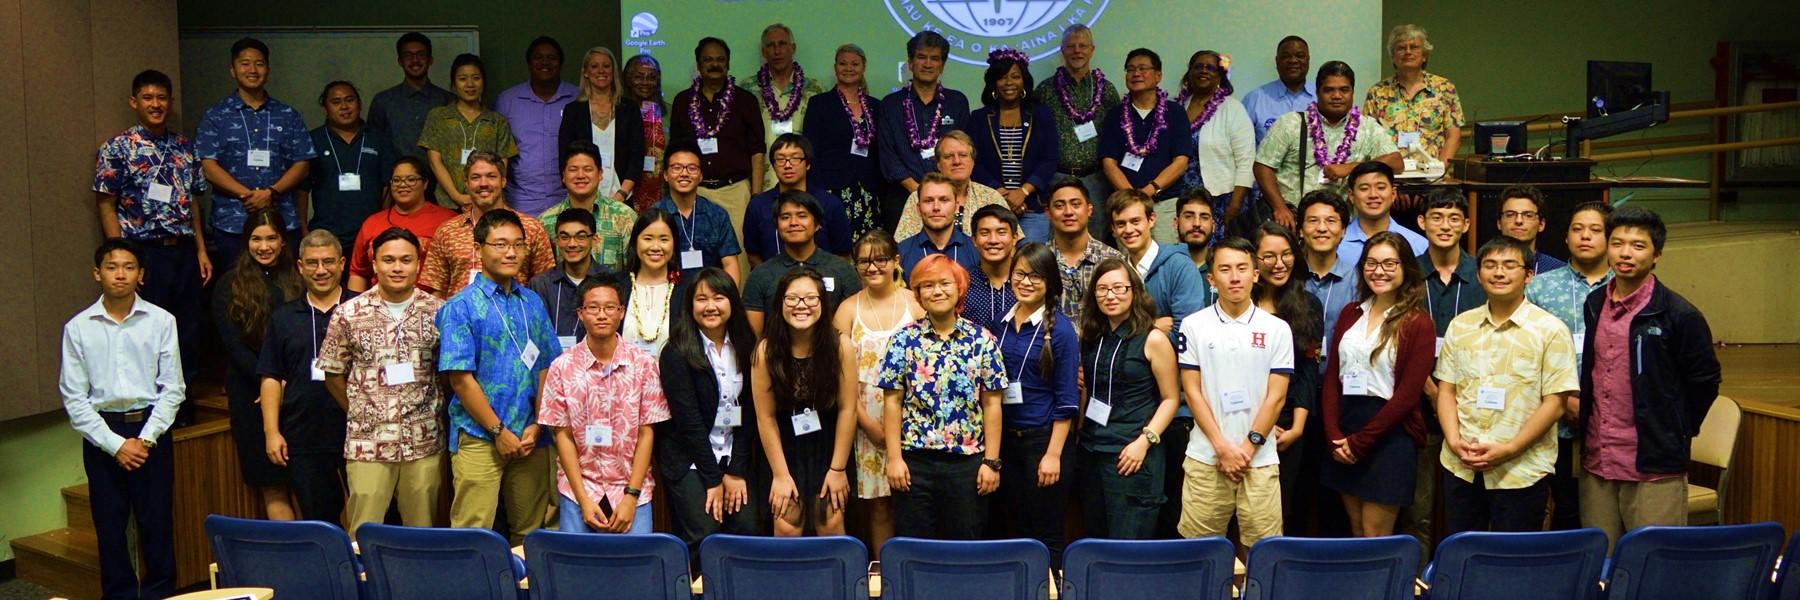 Group Photo Of HESTEMP Participants.